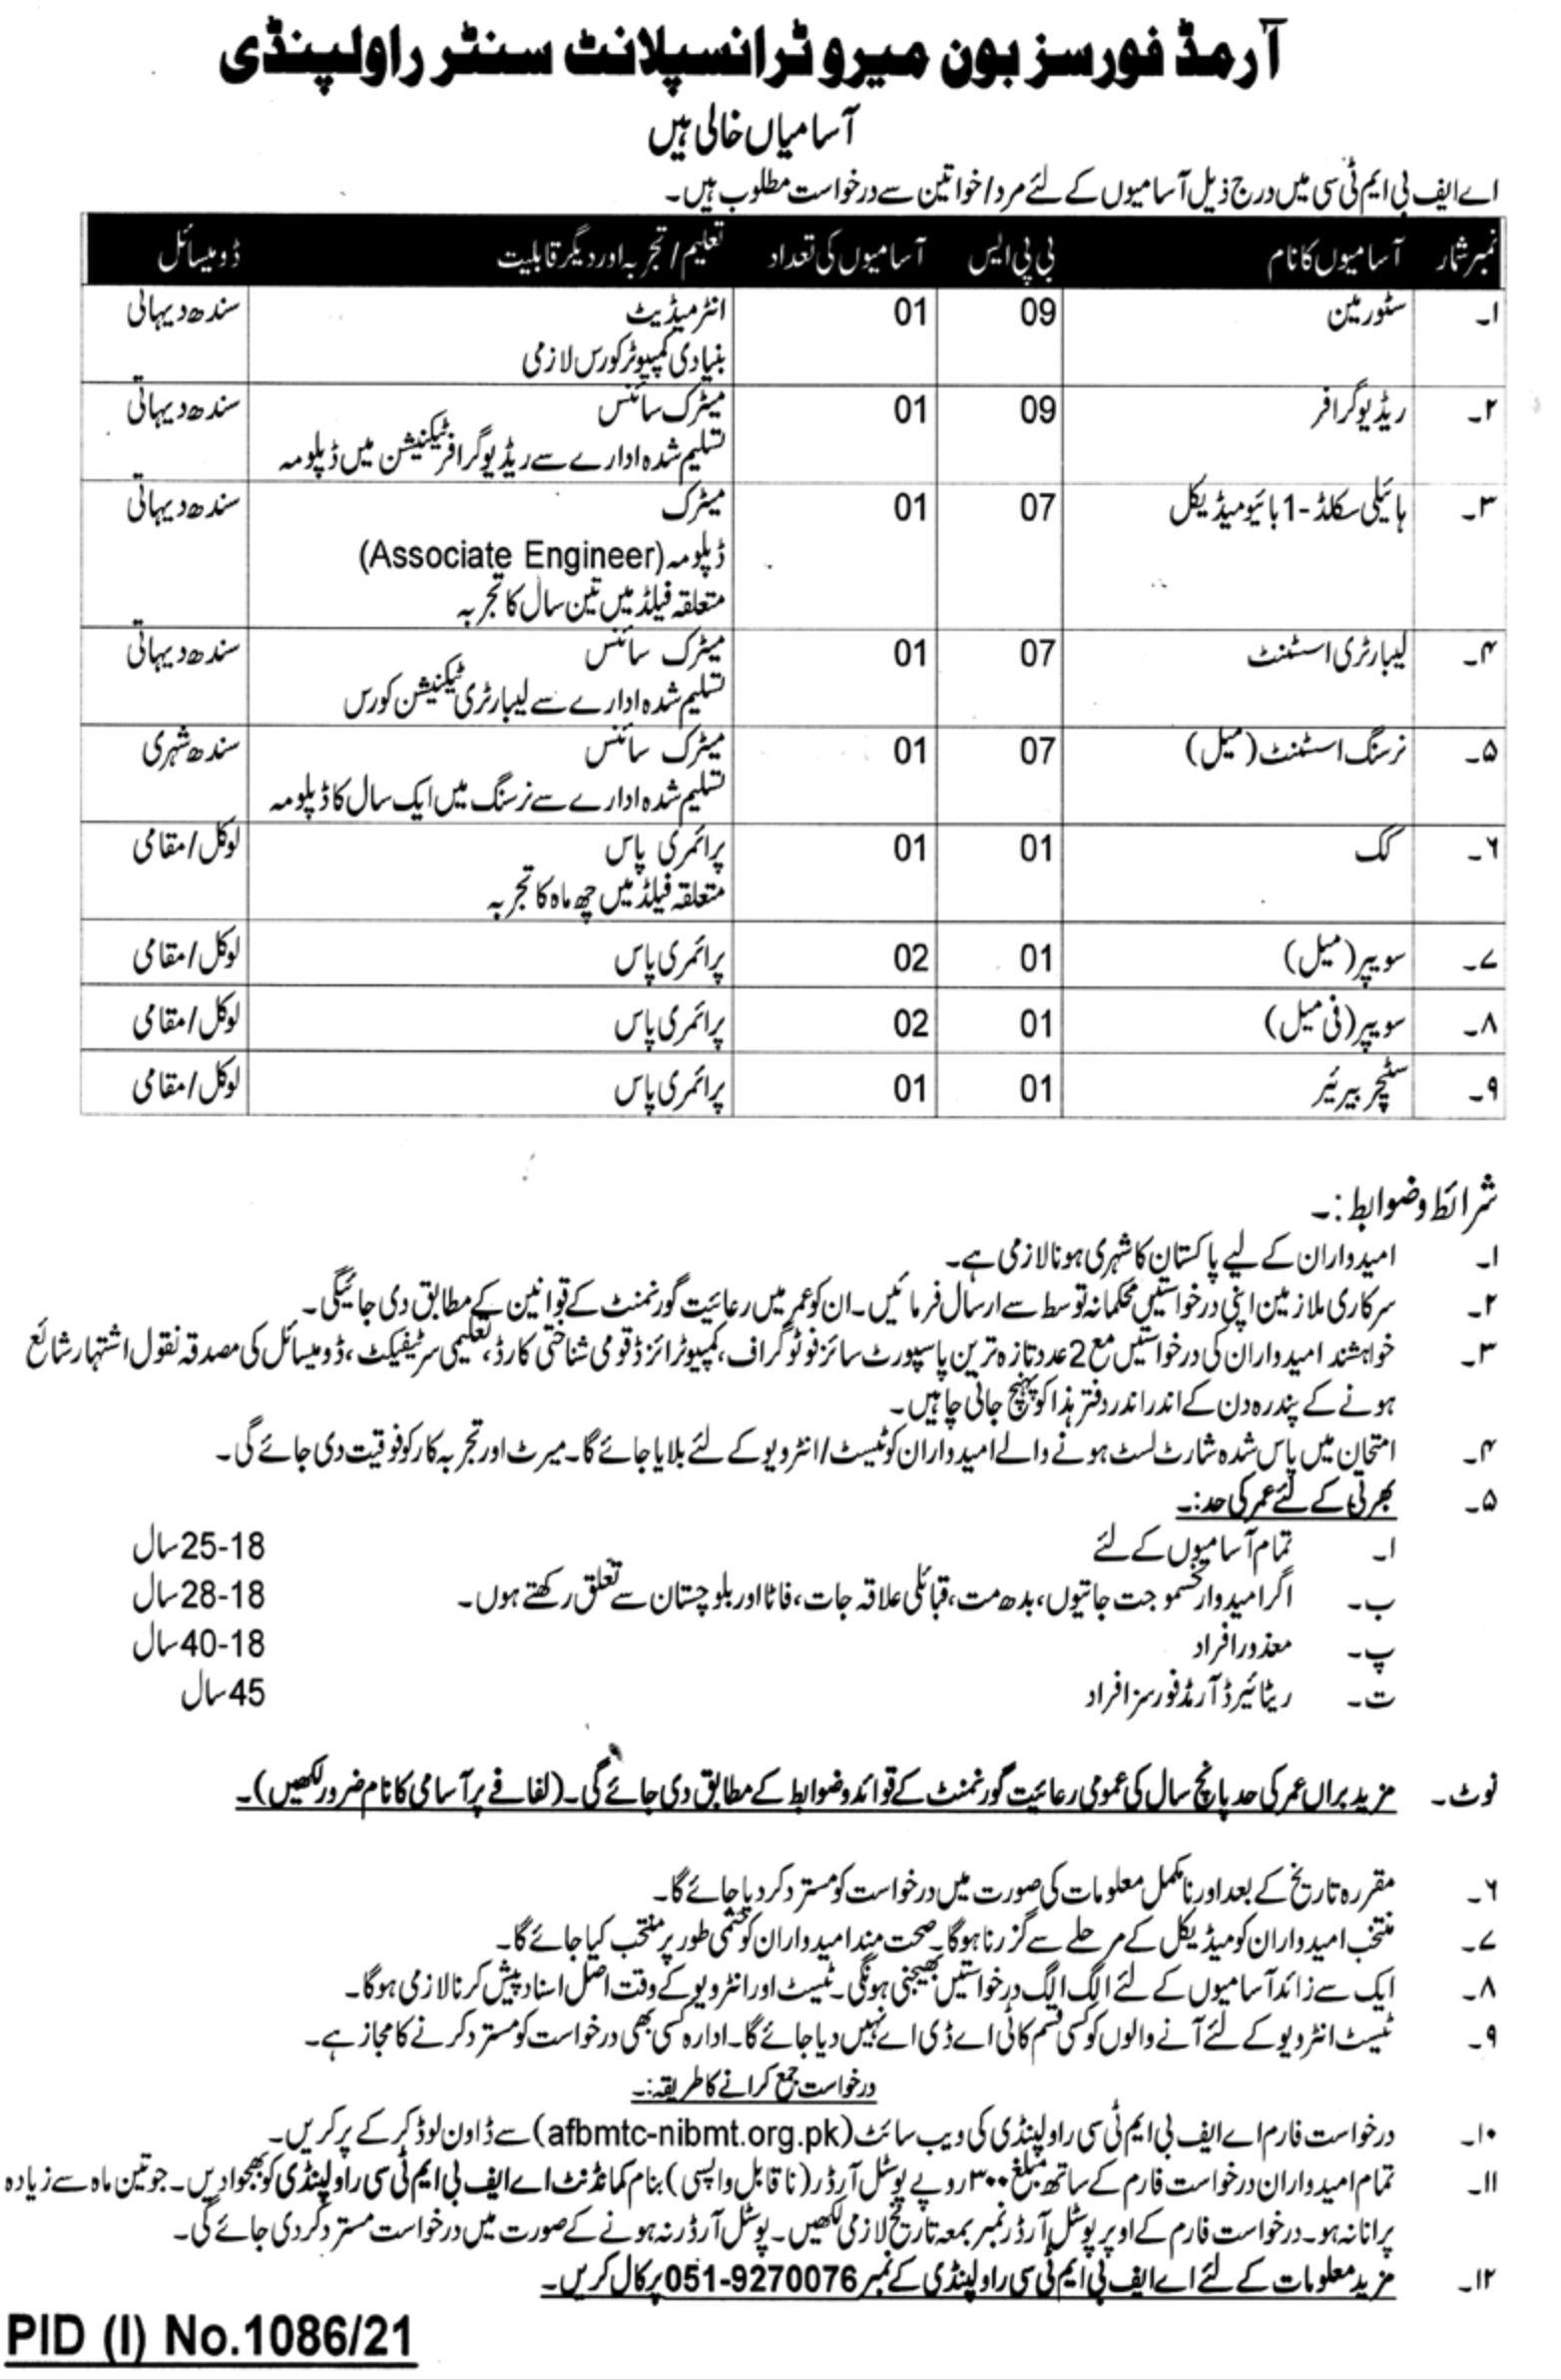 Bonmero Transplant Center Rawalpindi Vacancies 2021 2